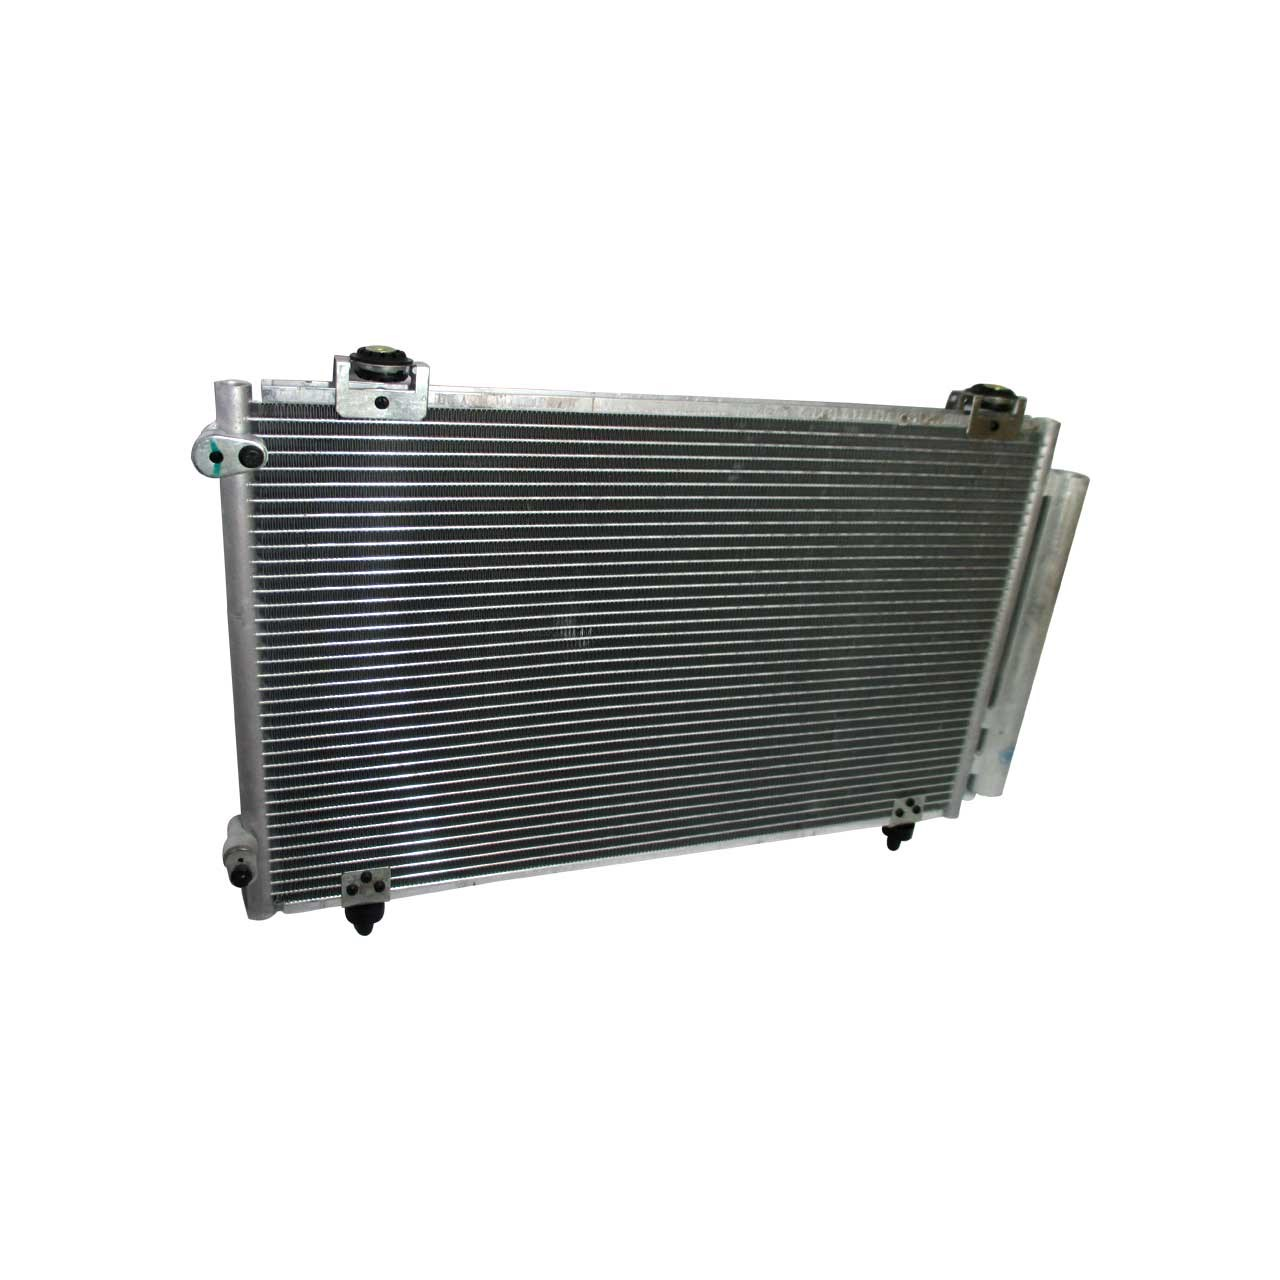 رادیاتور کولر ام وی ام 315 مدل A13-8105010